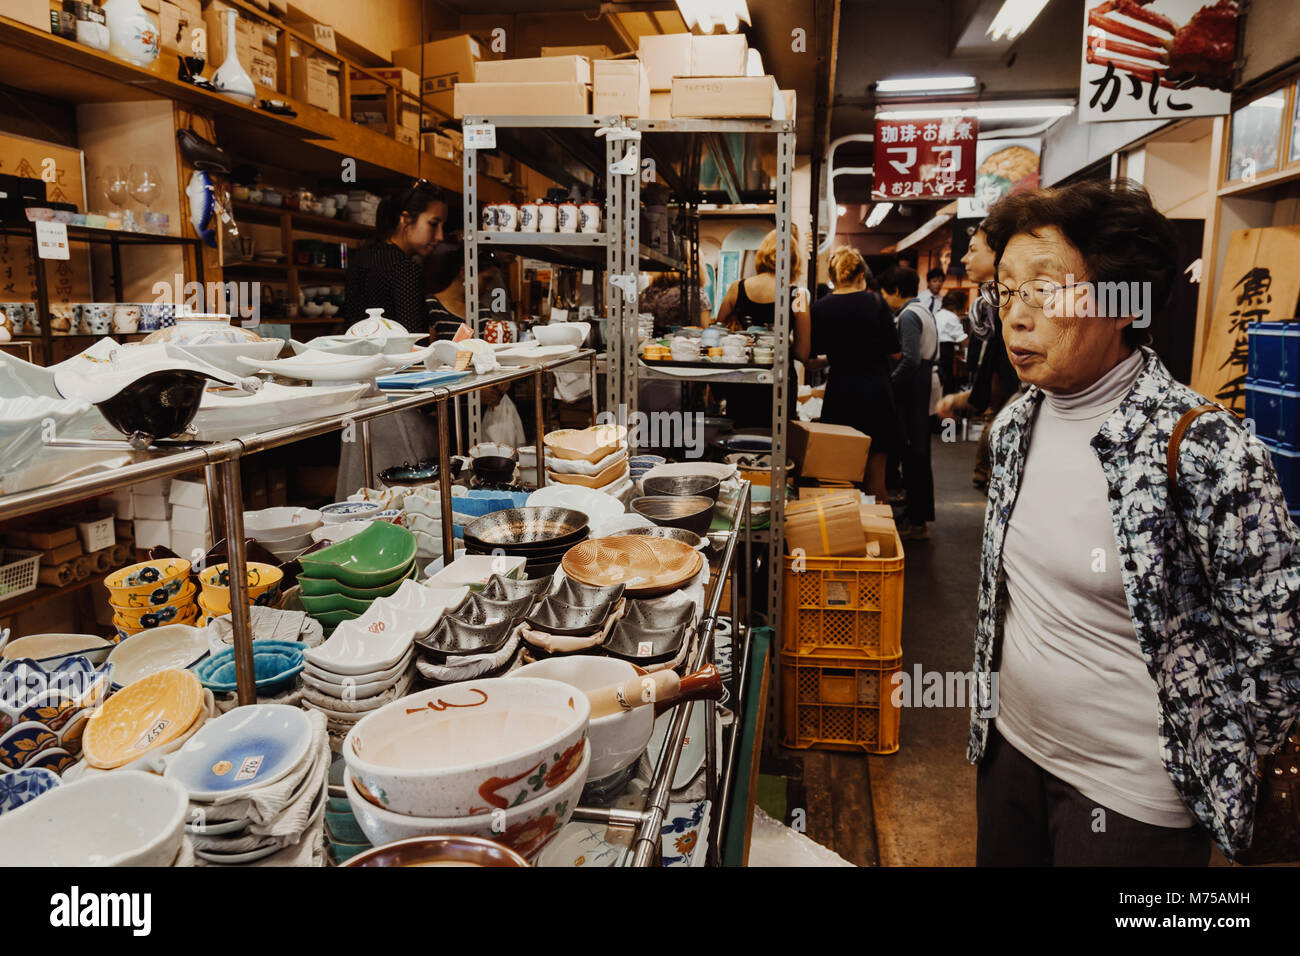 japan shopping traditional stockfotos und -bilder kaufen - alamy